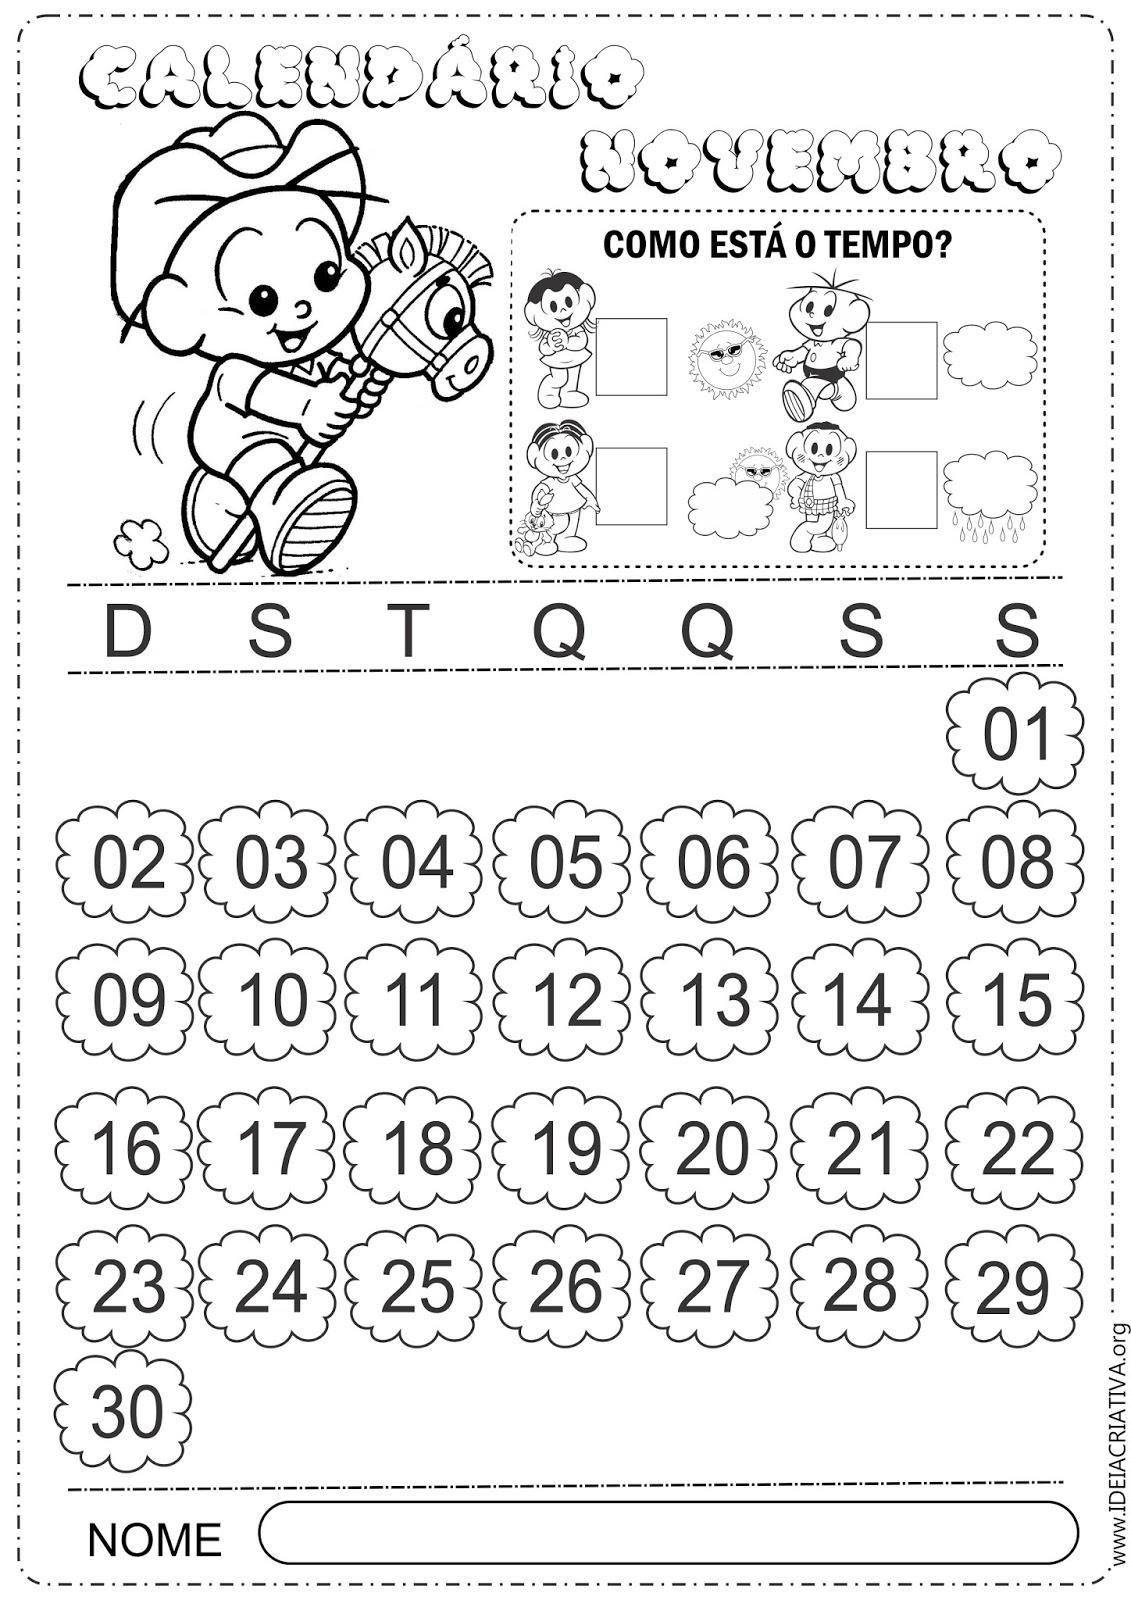 Calendários para Imprimir Turma da Mônica Baby Novembro 2014